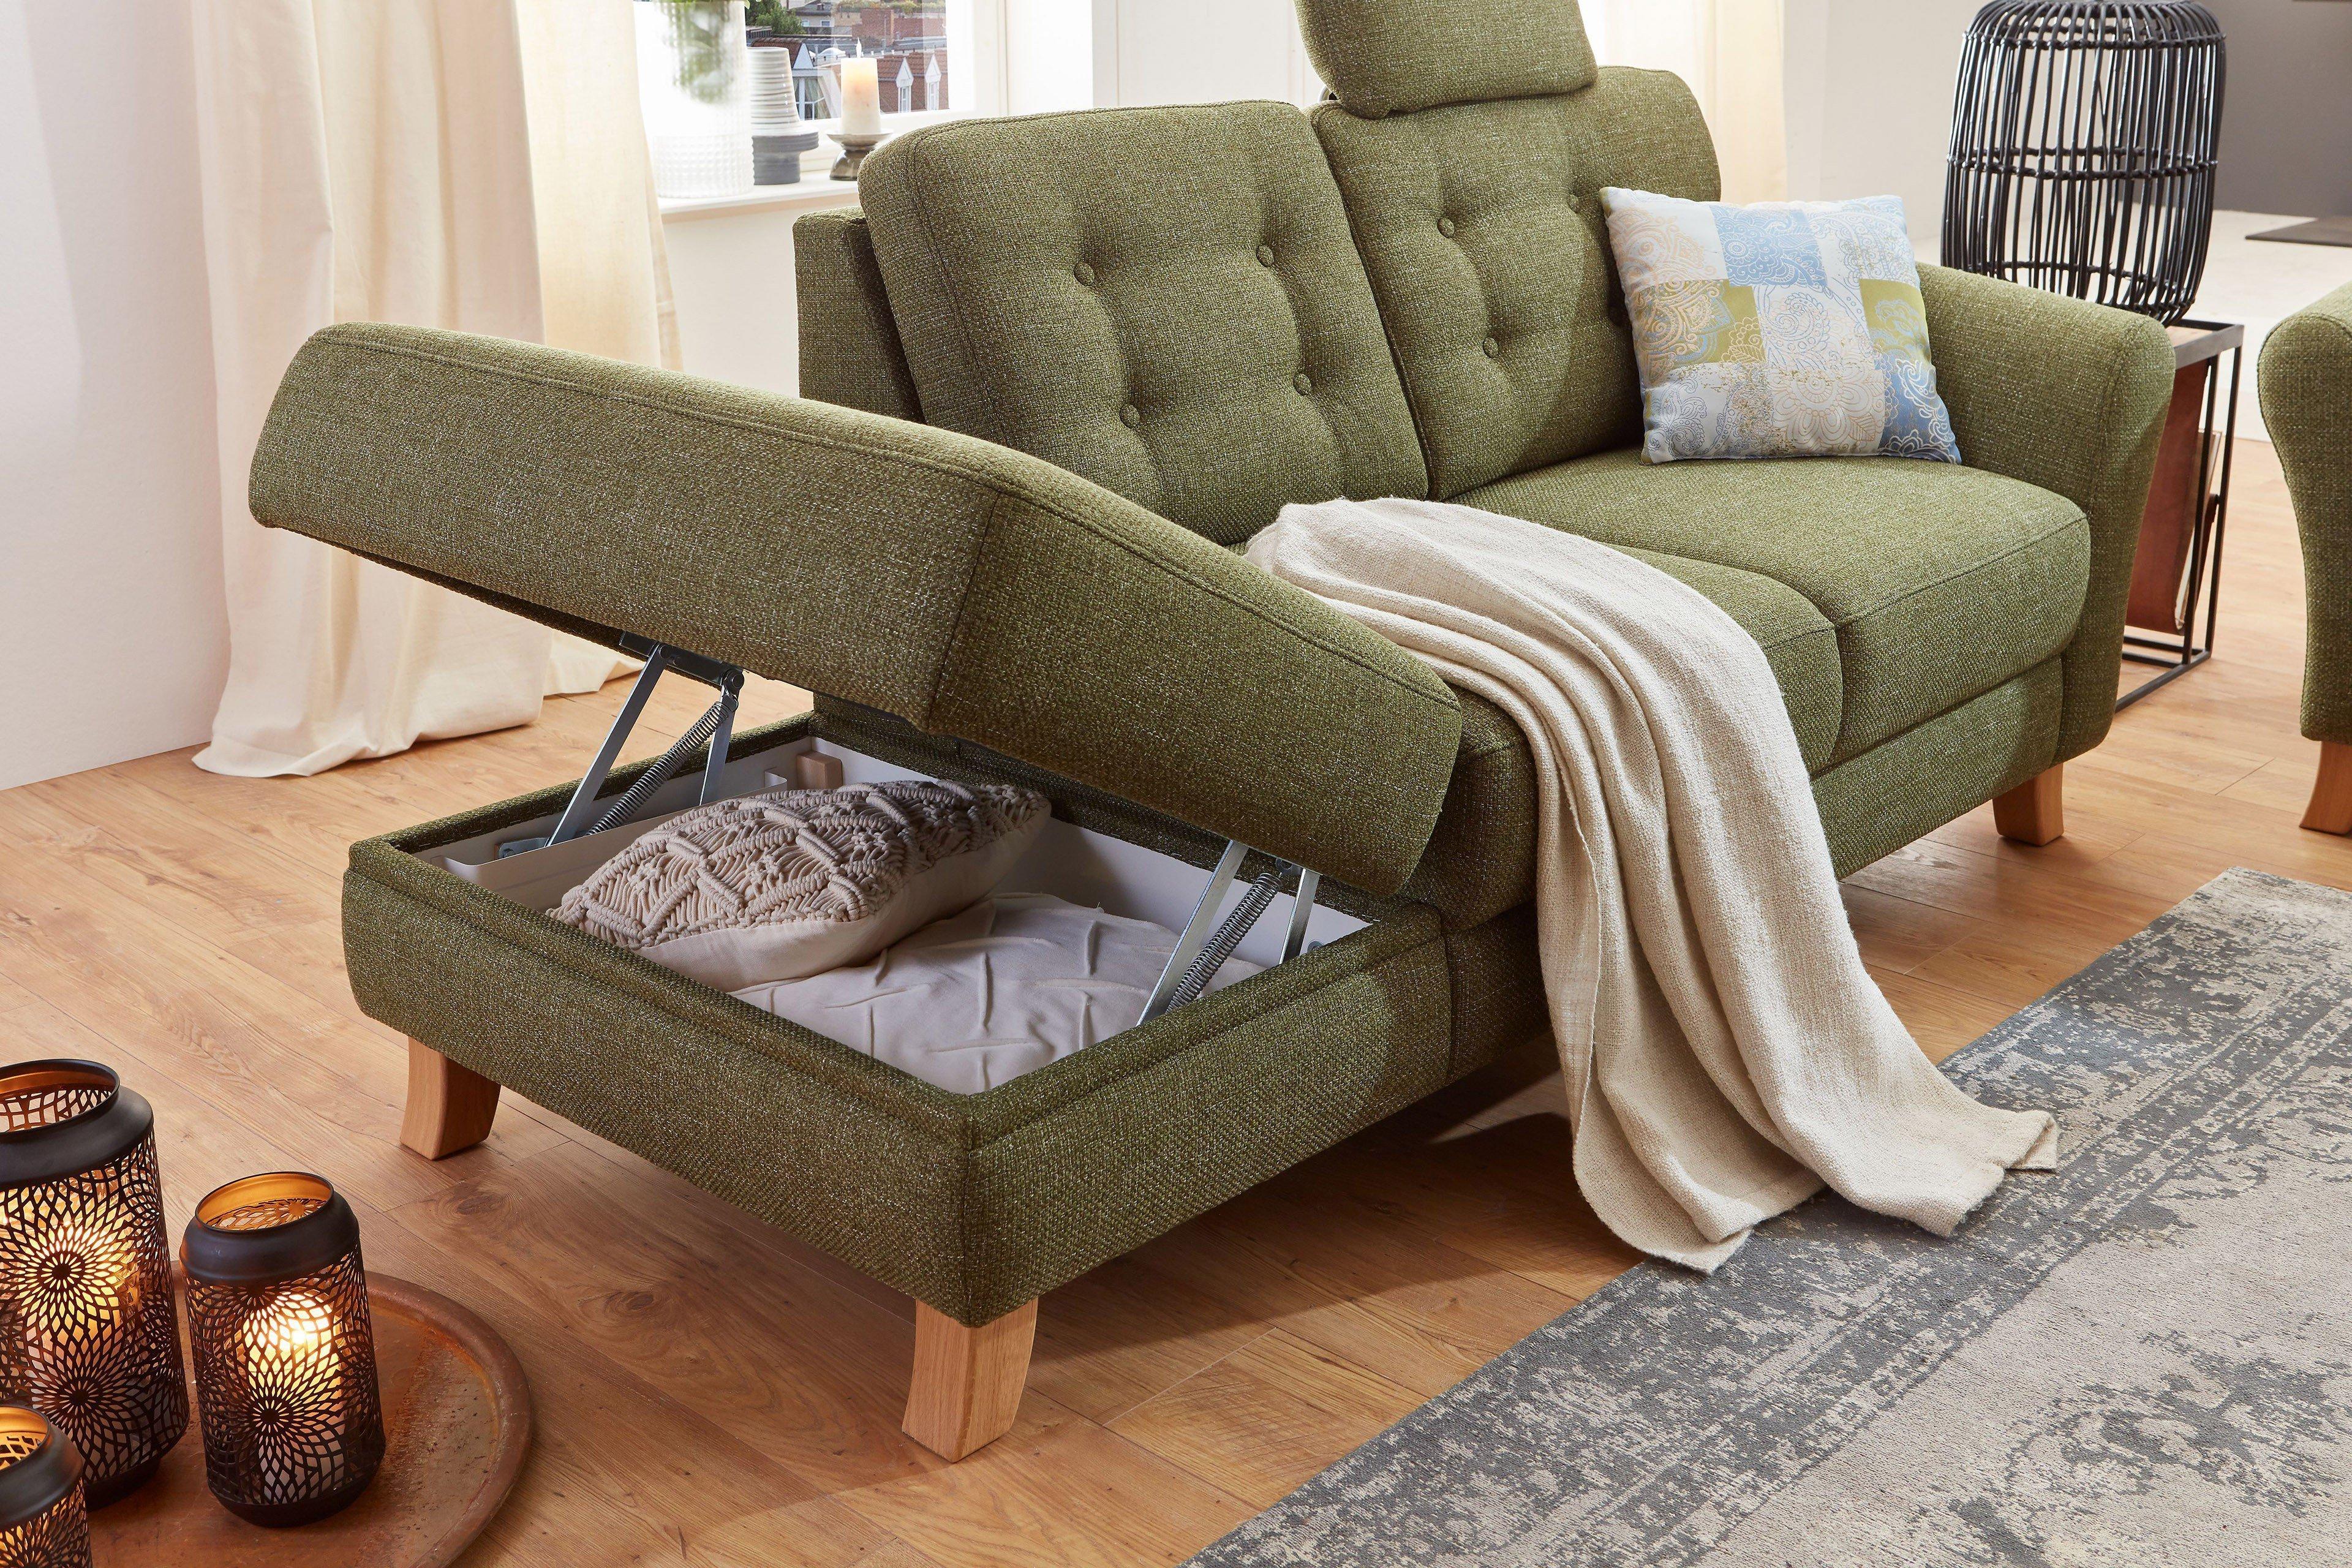 Utmerket Sit & More Trondheim Polstergarnitur olive | Möbel Letz - Ihr XX-56